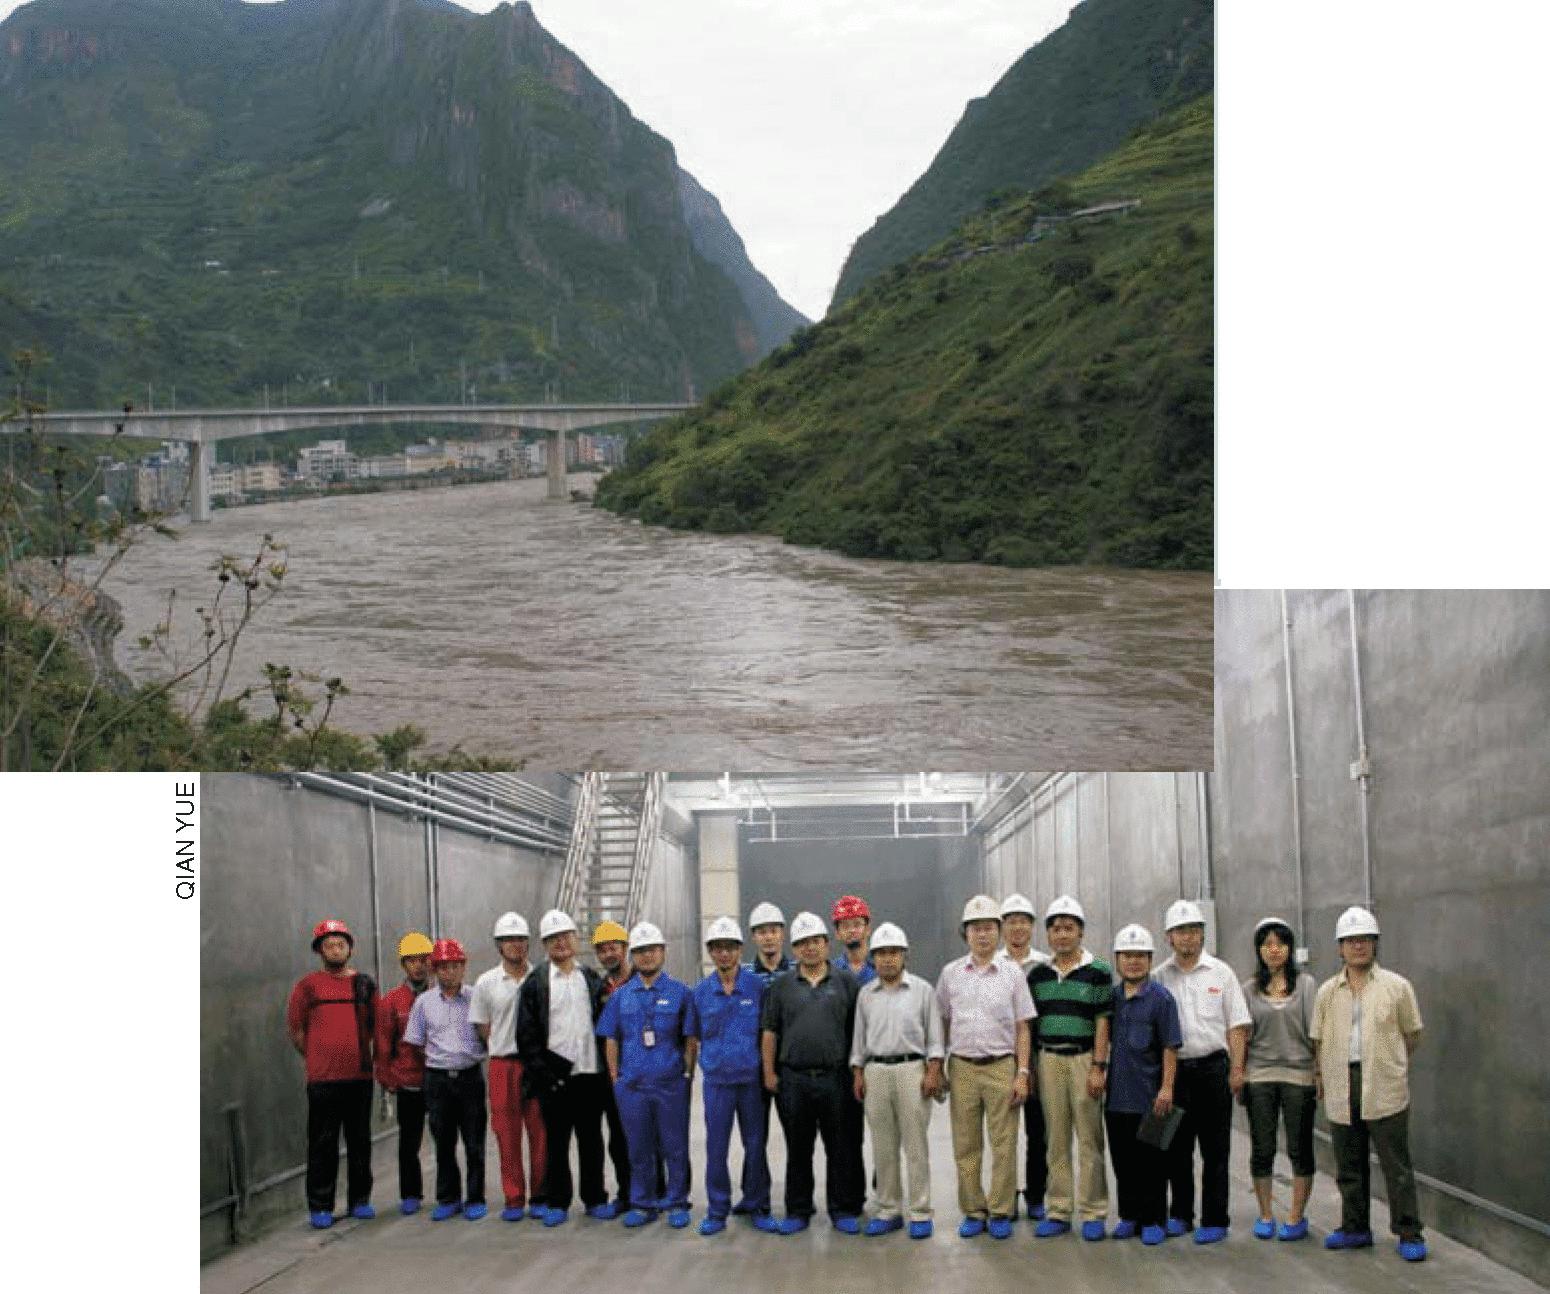 世界最深!中国锦屏地下实验室,为探索暗物质而建造的伟大工程